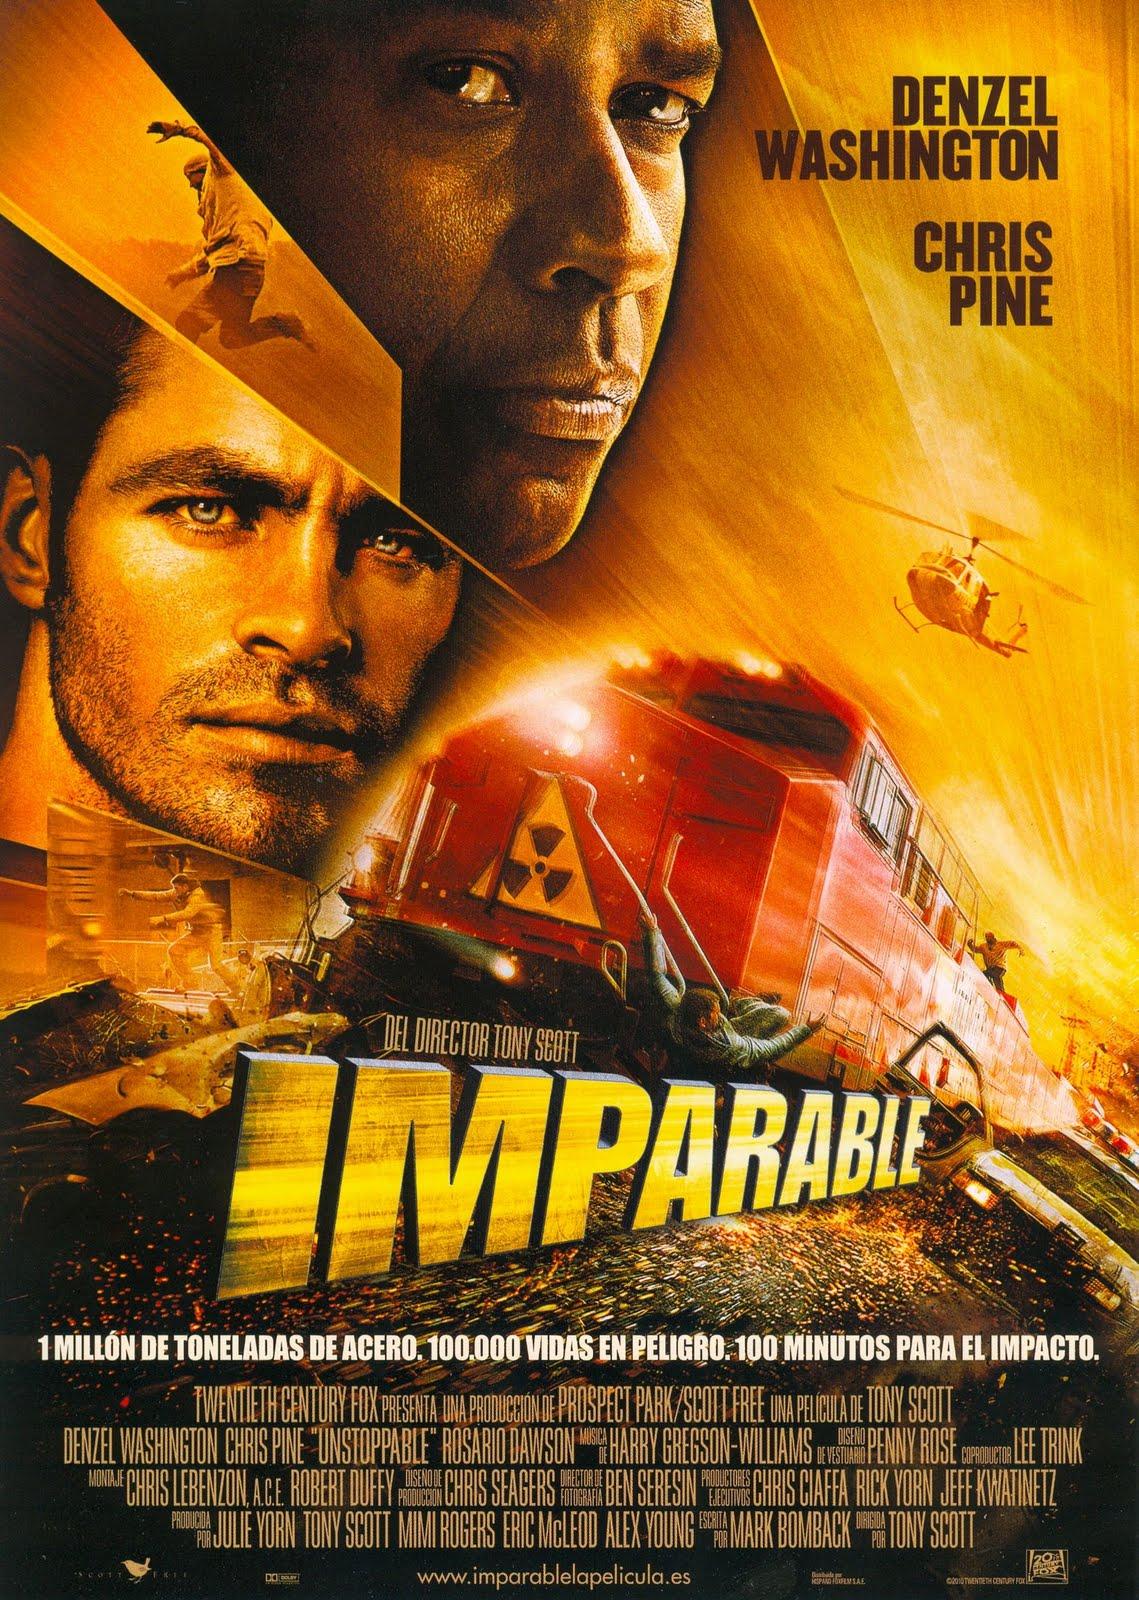 ¿Cual es la ultima película que has visto? - Página 2 Imparable